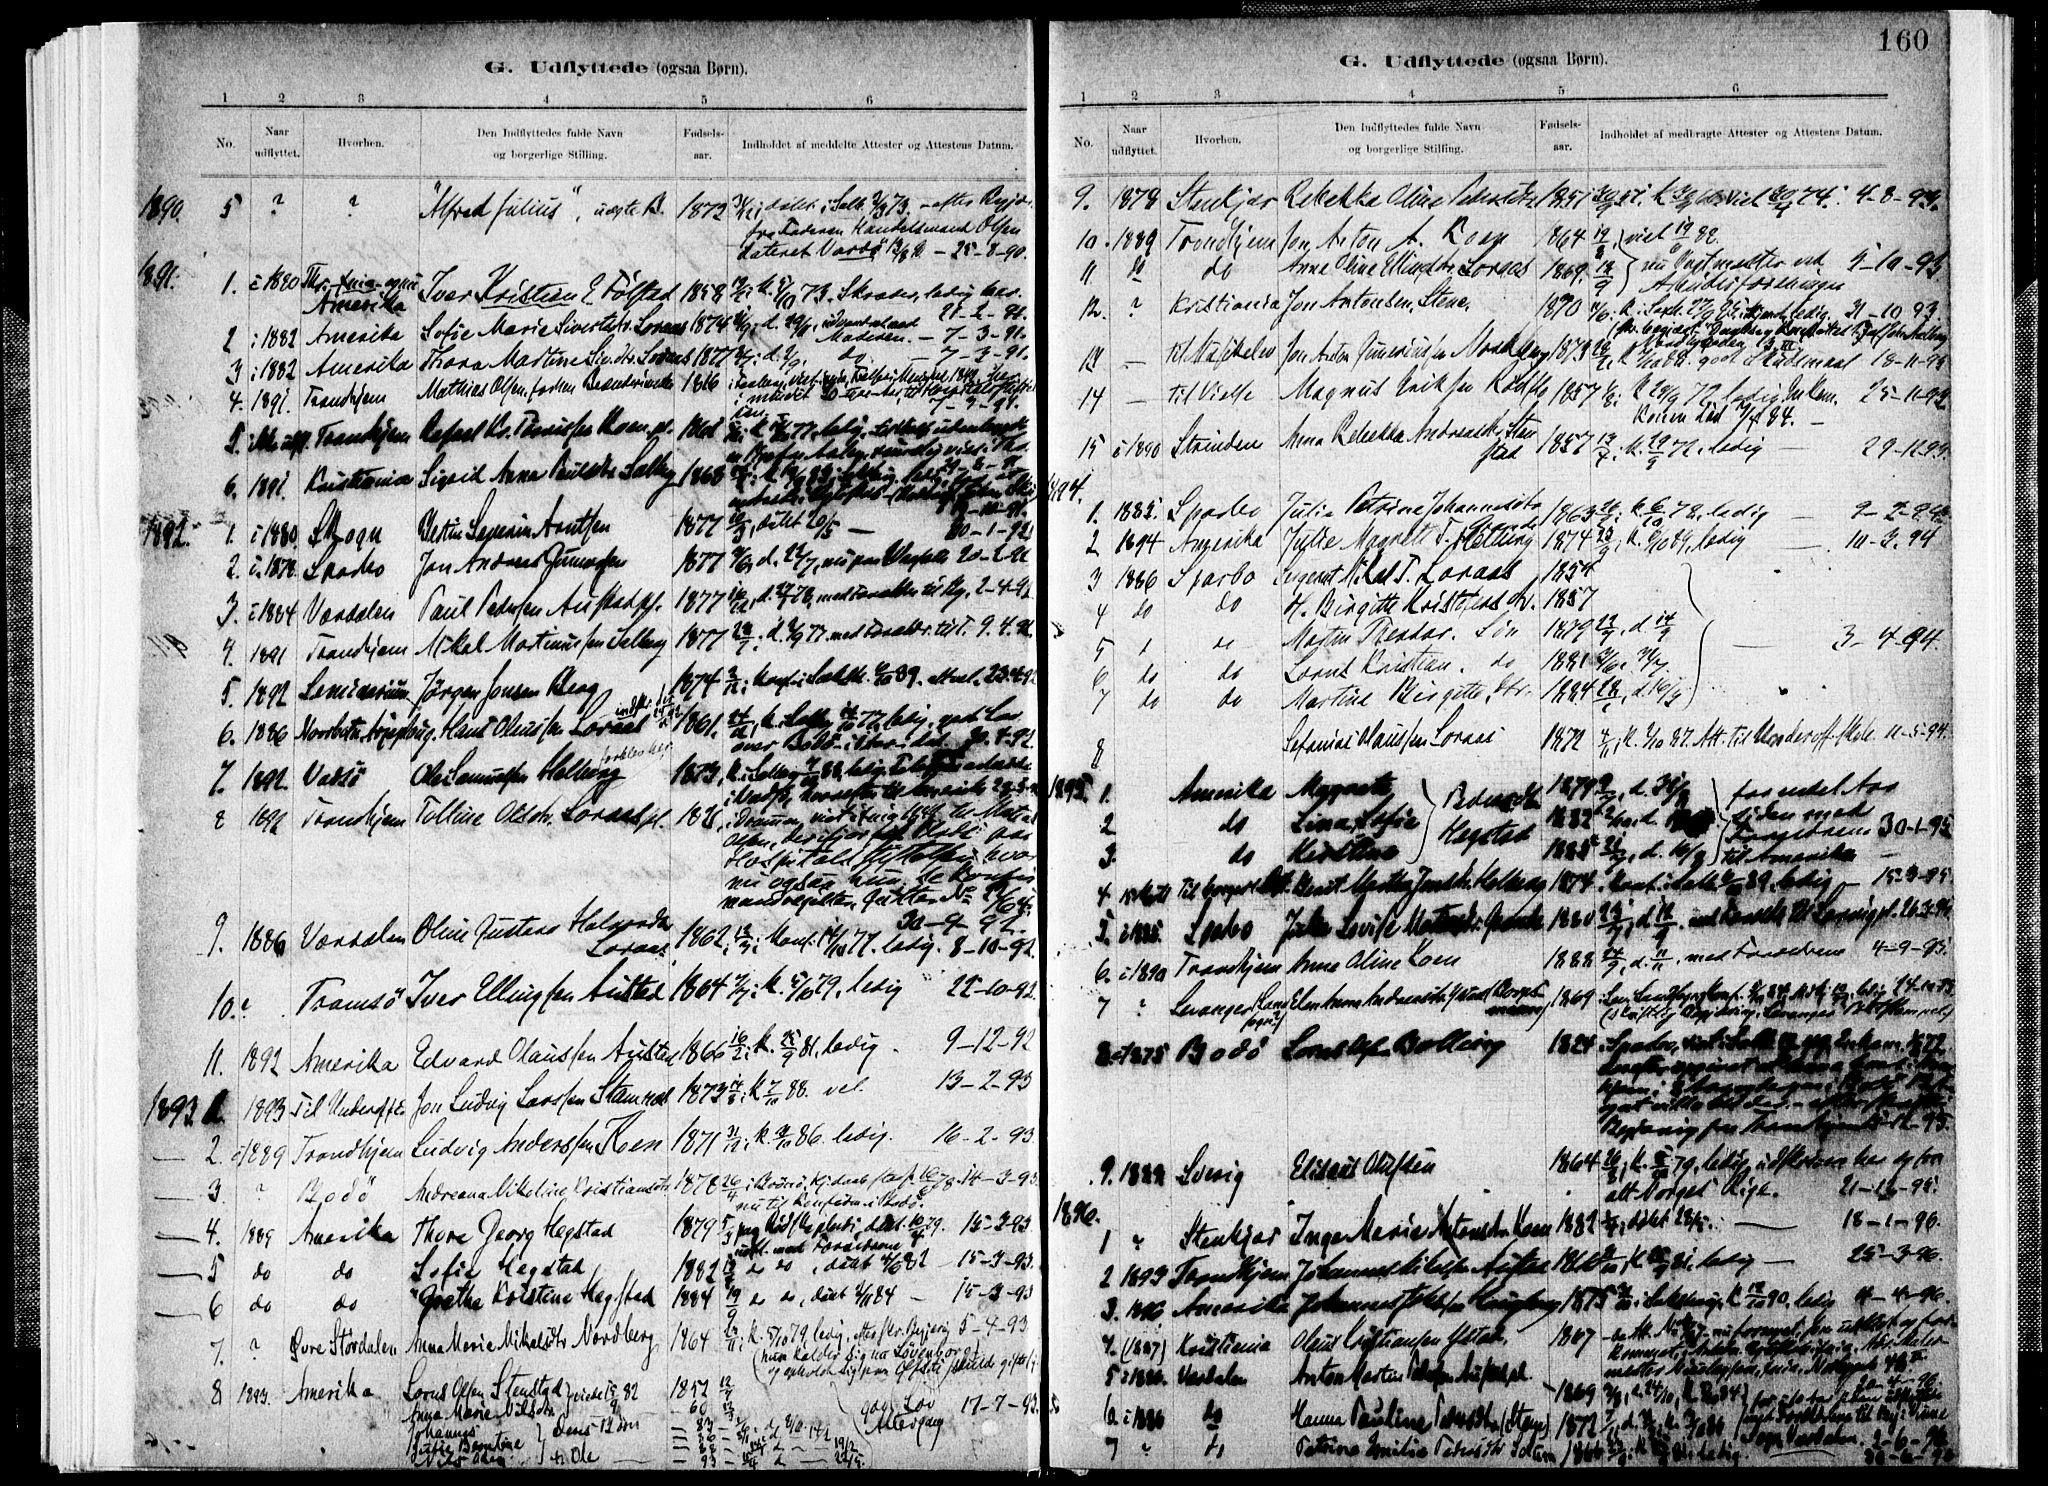 SAT, Ministerialprotokoller, klokkerbøker og fødselsregistre - Nord-Trøndelag, 731/L0309: Ministerialbok nr. 731A01, 1879-1918, s. 160